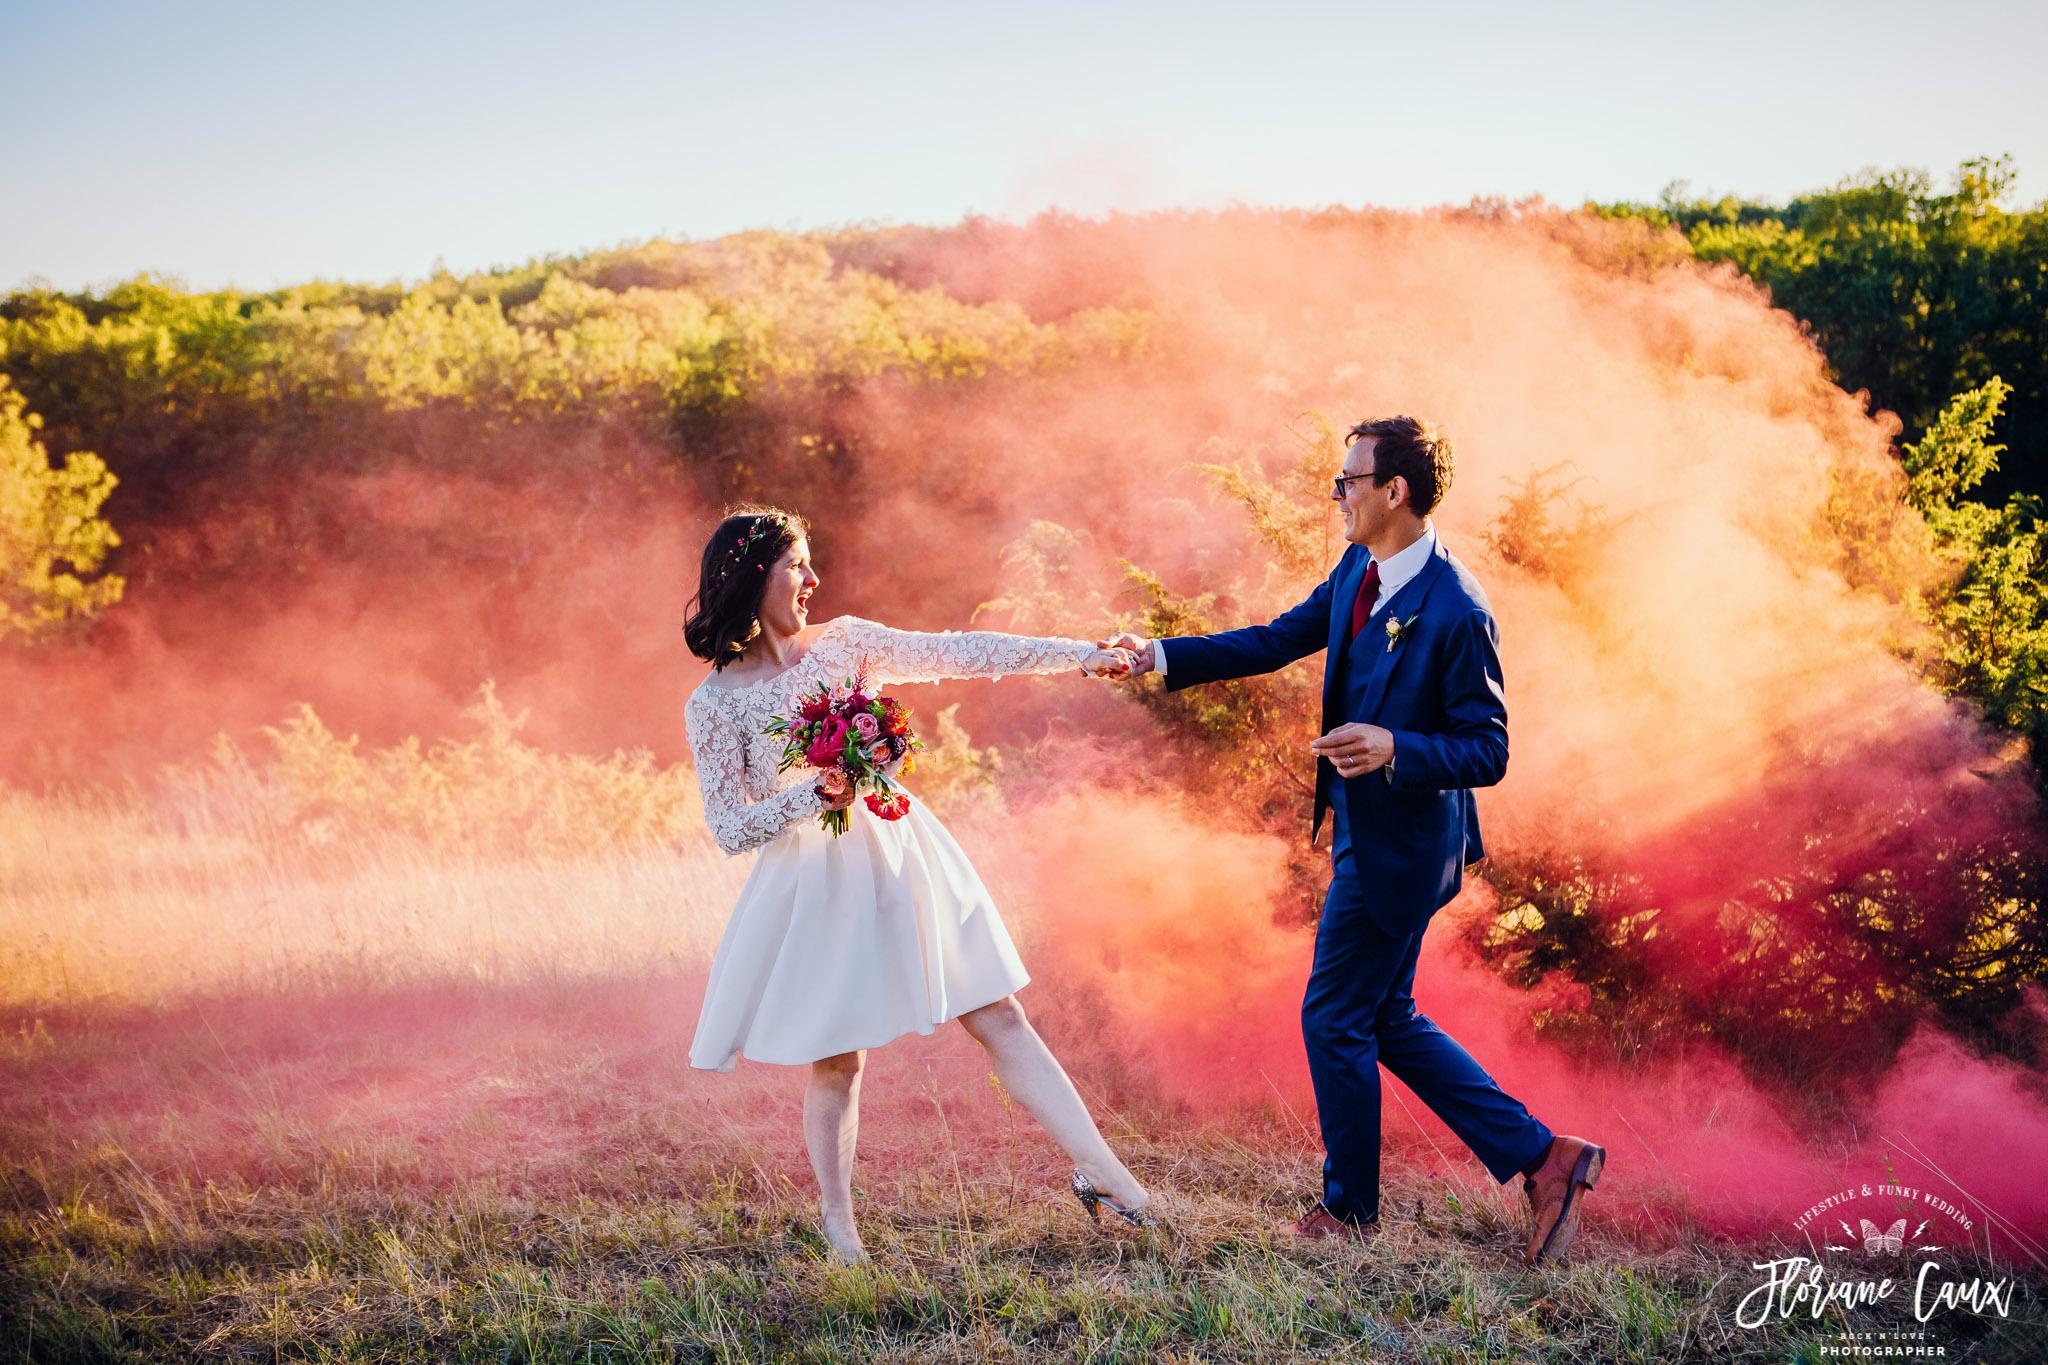 photographe-mariage-funky-licorne-fumigenes-badass-11